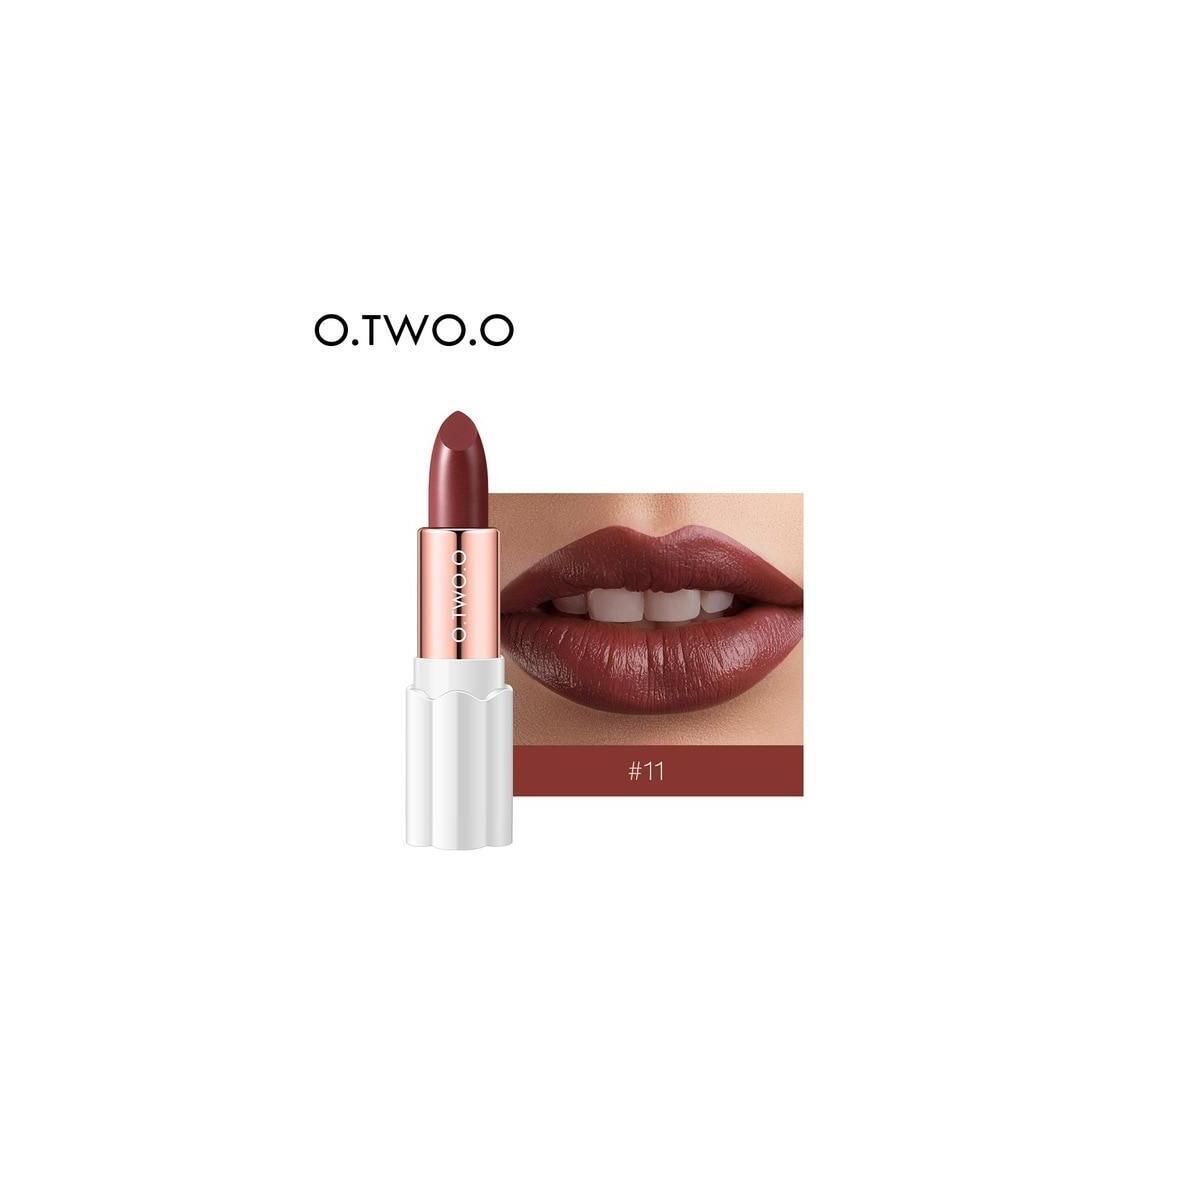 O.TWO.O Semi Velvet Lipstick, 11